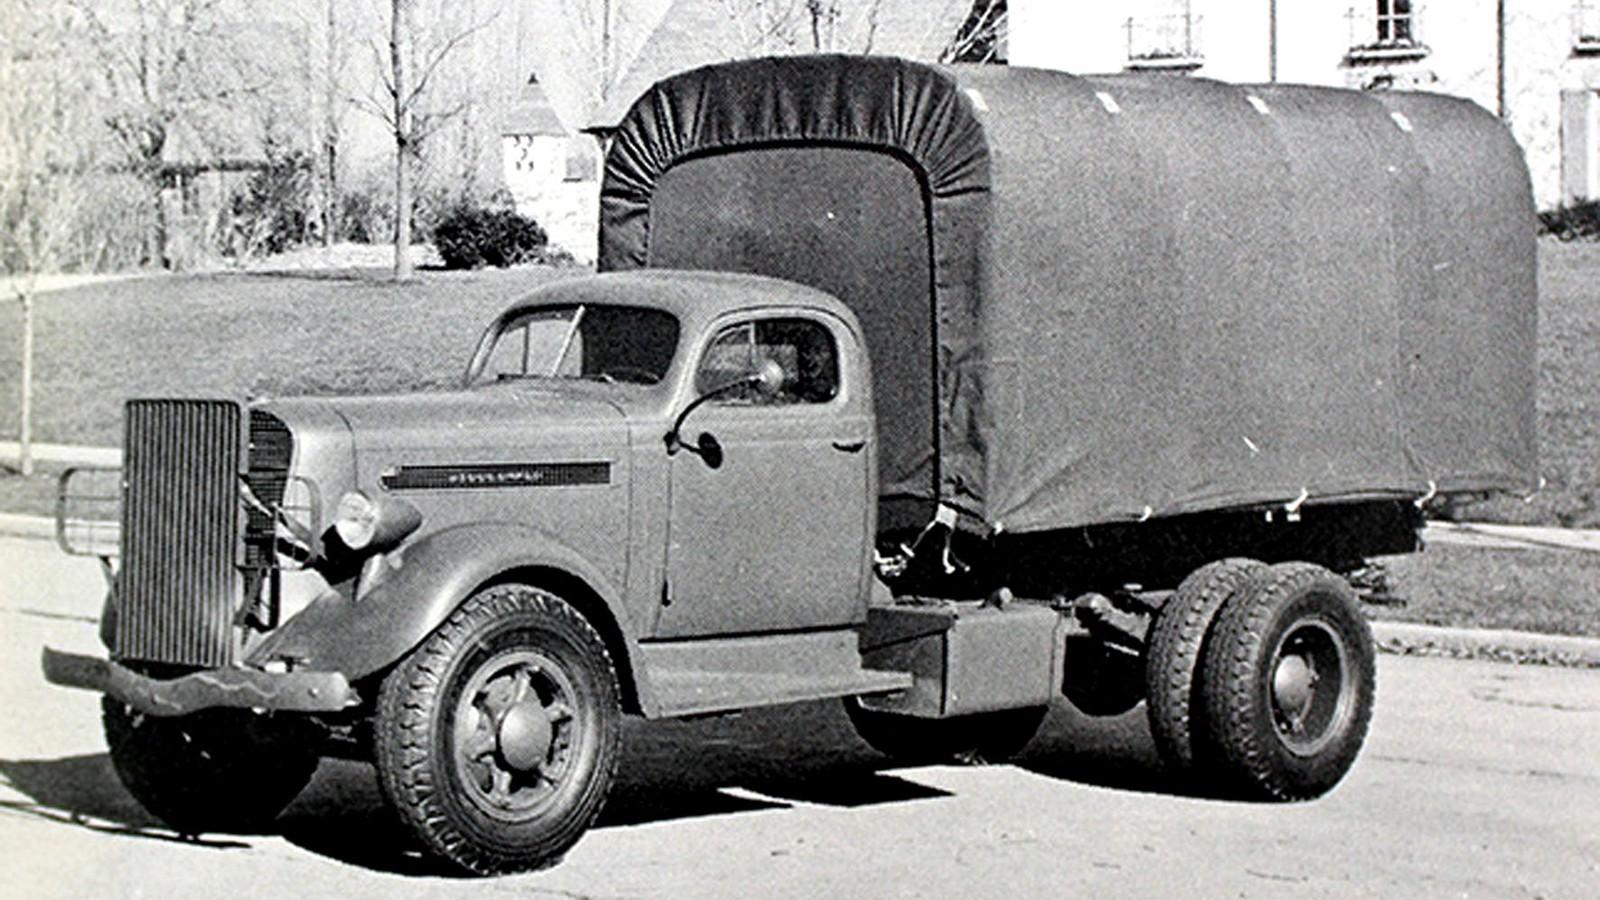 Коммерческий грузовик Studebaker K25 для армий стран Западной Европы